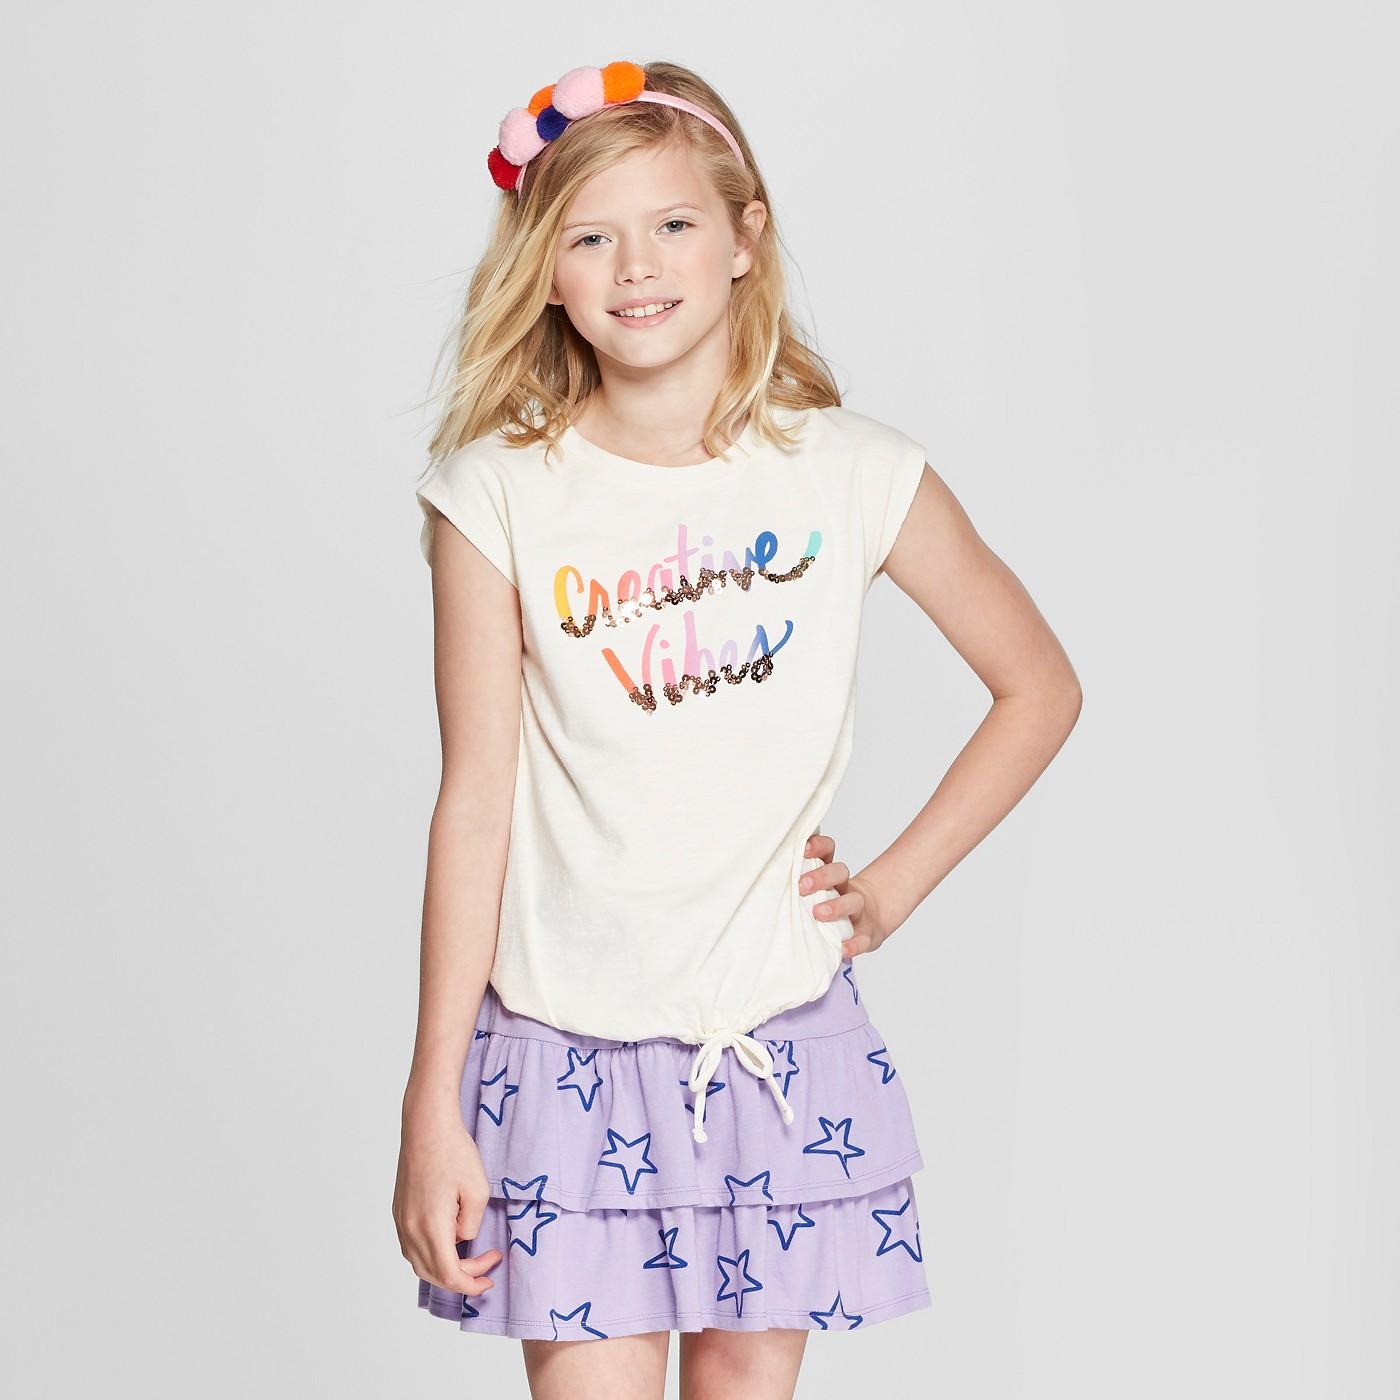 43cfe7642 Girls' Sequin Creative Vibes Tie Front Cap Sleeve Graphic Top - Cat & Jack™